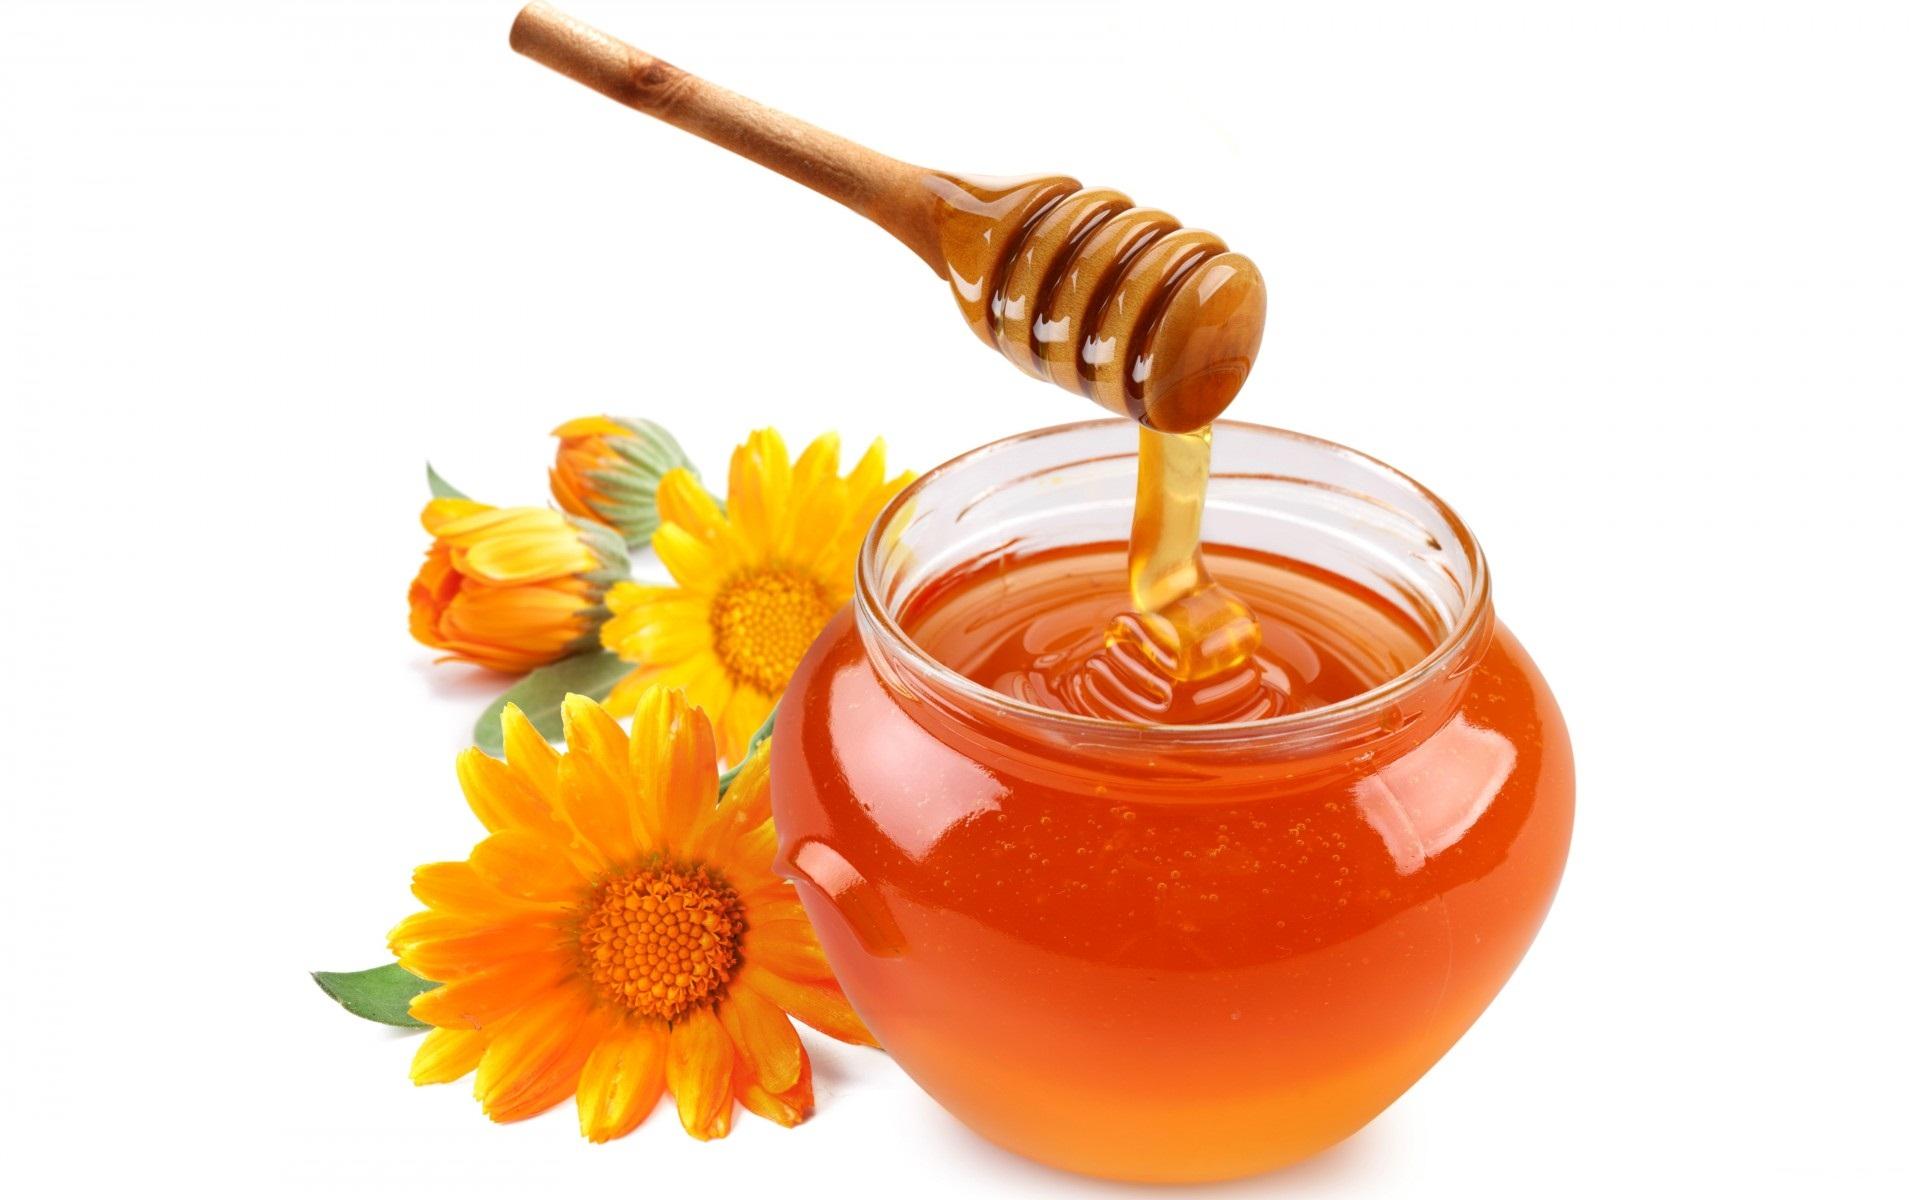 Điều trị mụn với mật ong và táo sẽ giúp đám mụn đáng ghét biến mất nhanh chóng.